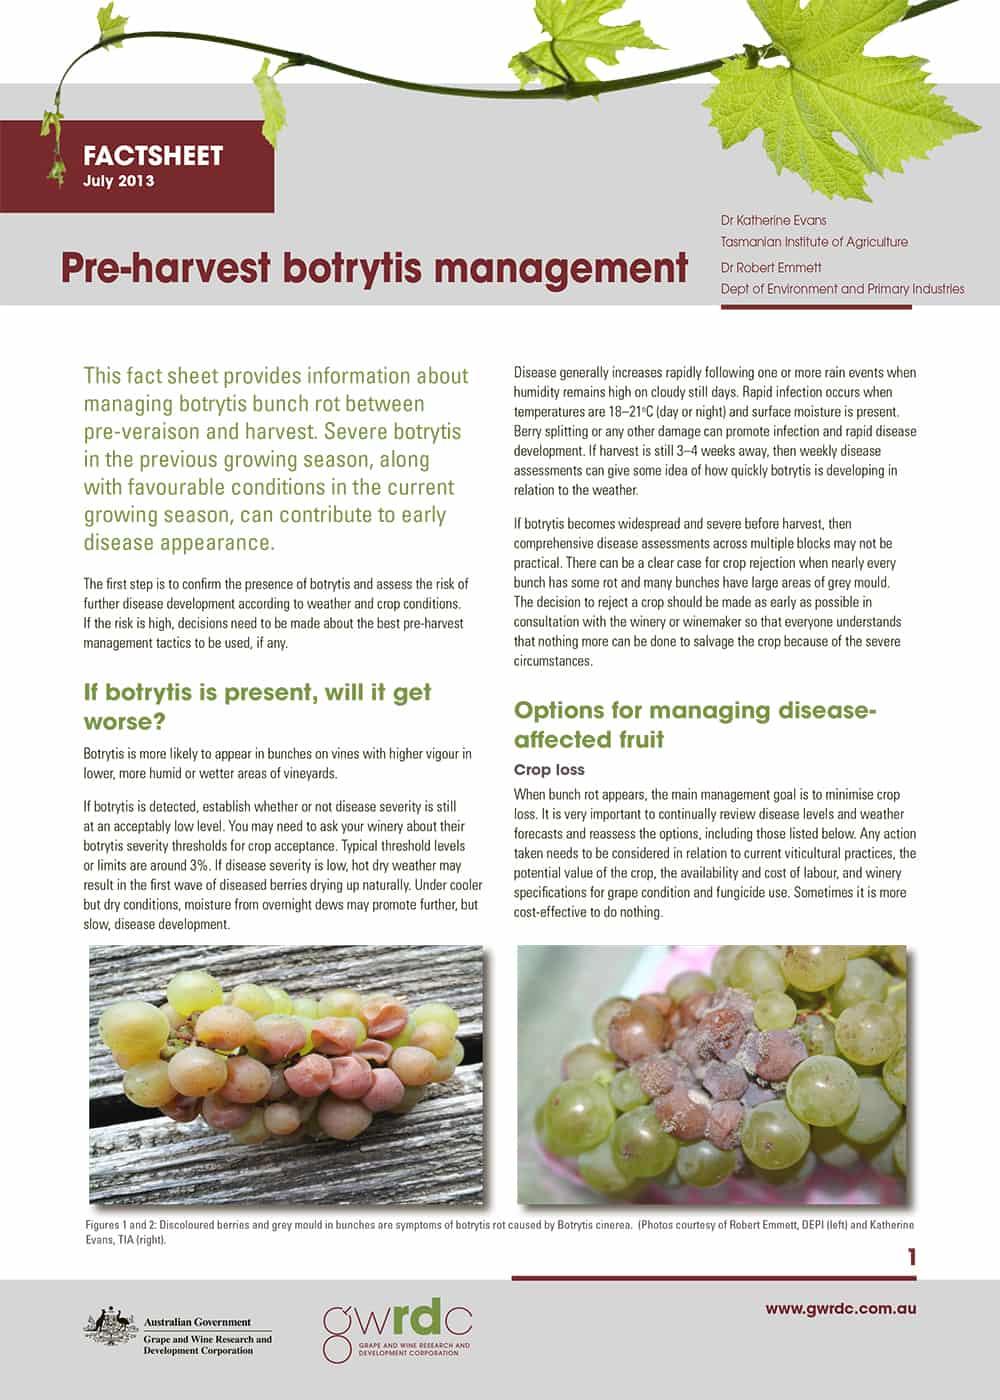 Botrytis Fact Sheet